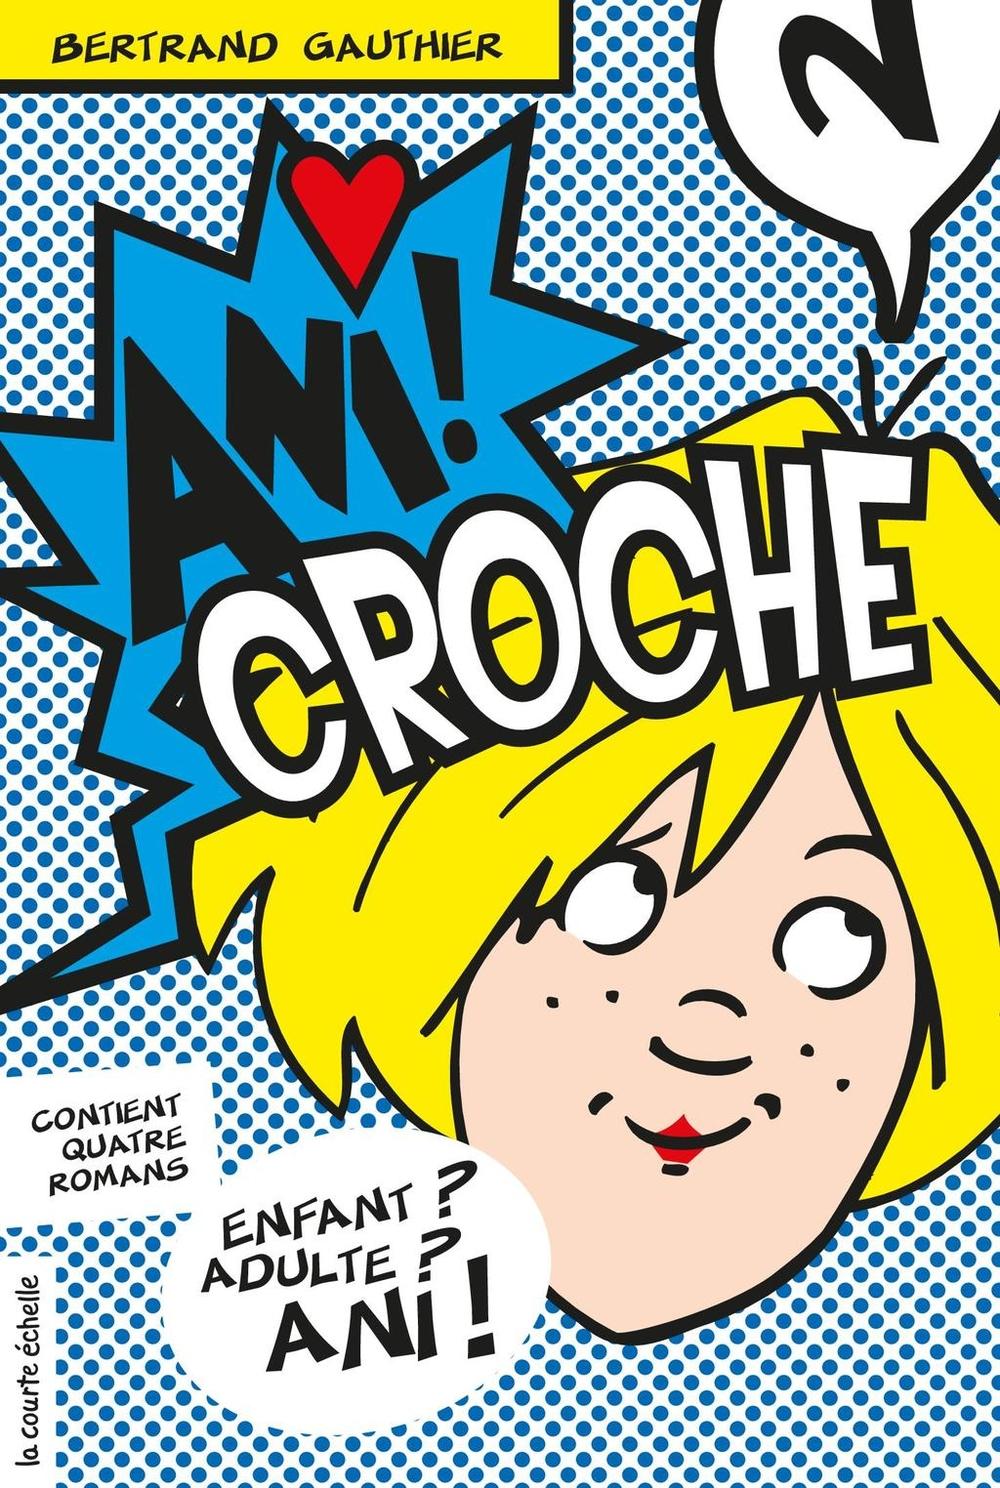 Ani Croche, volume 2